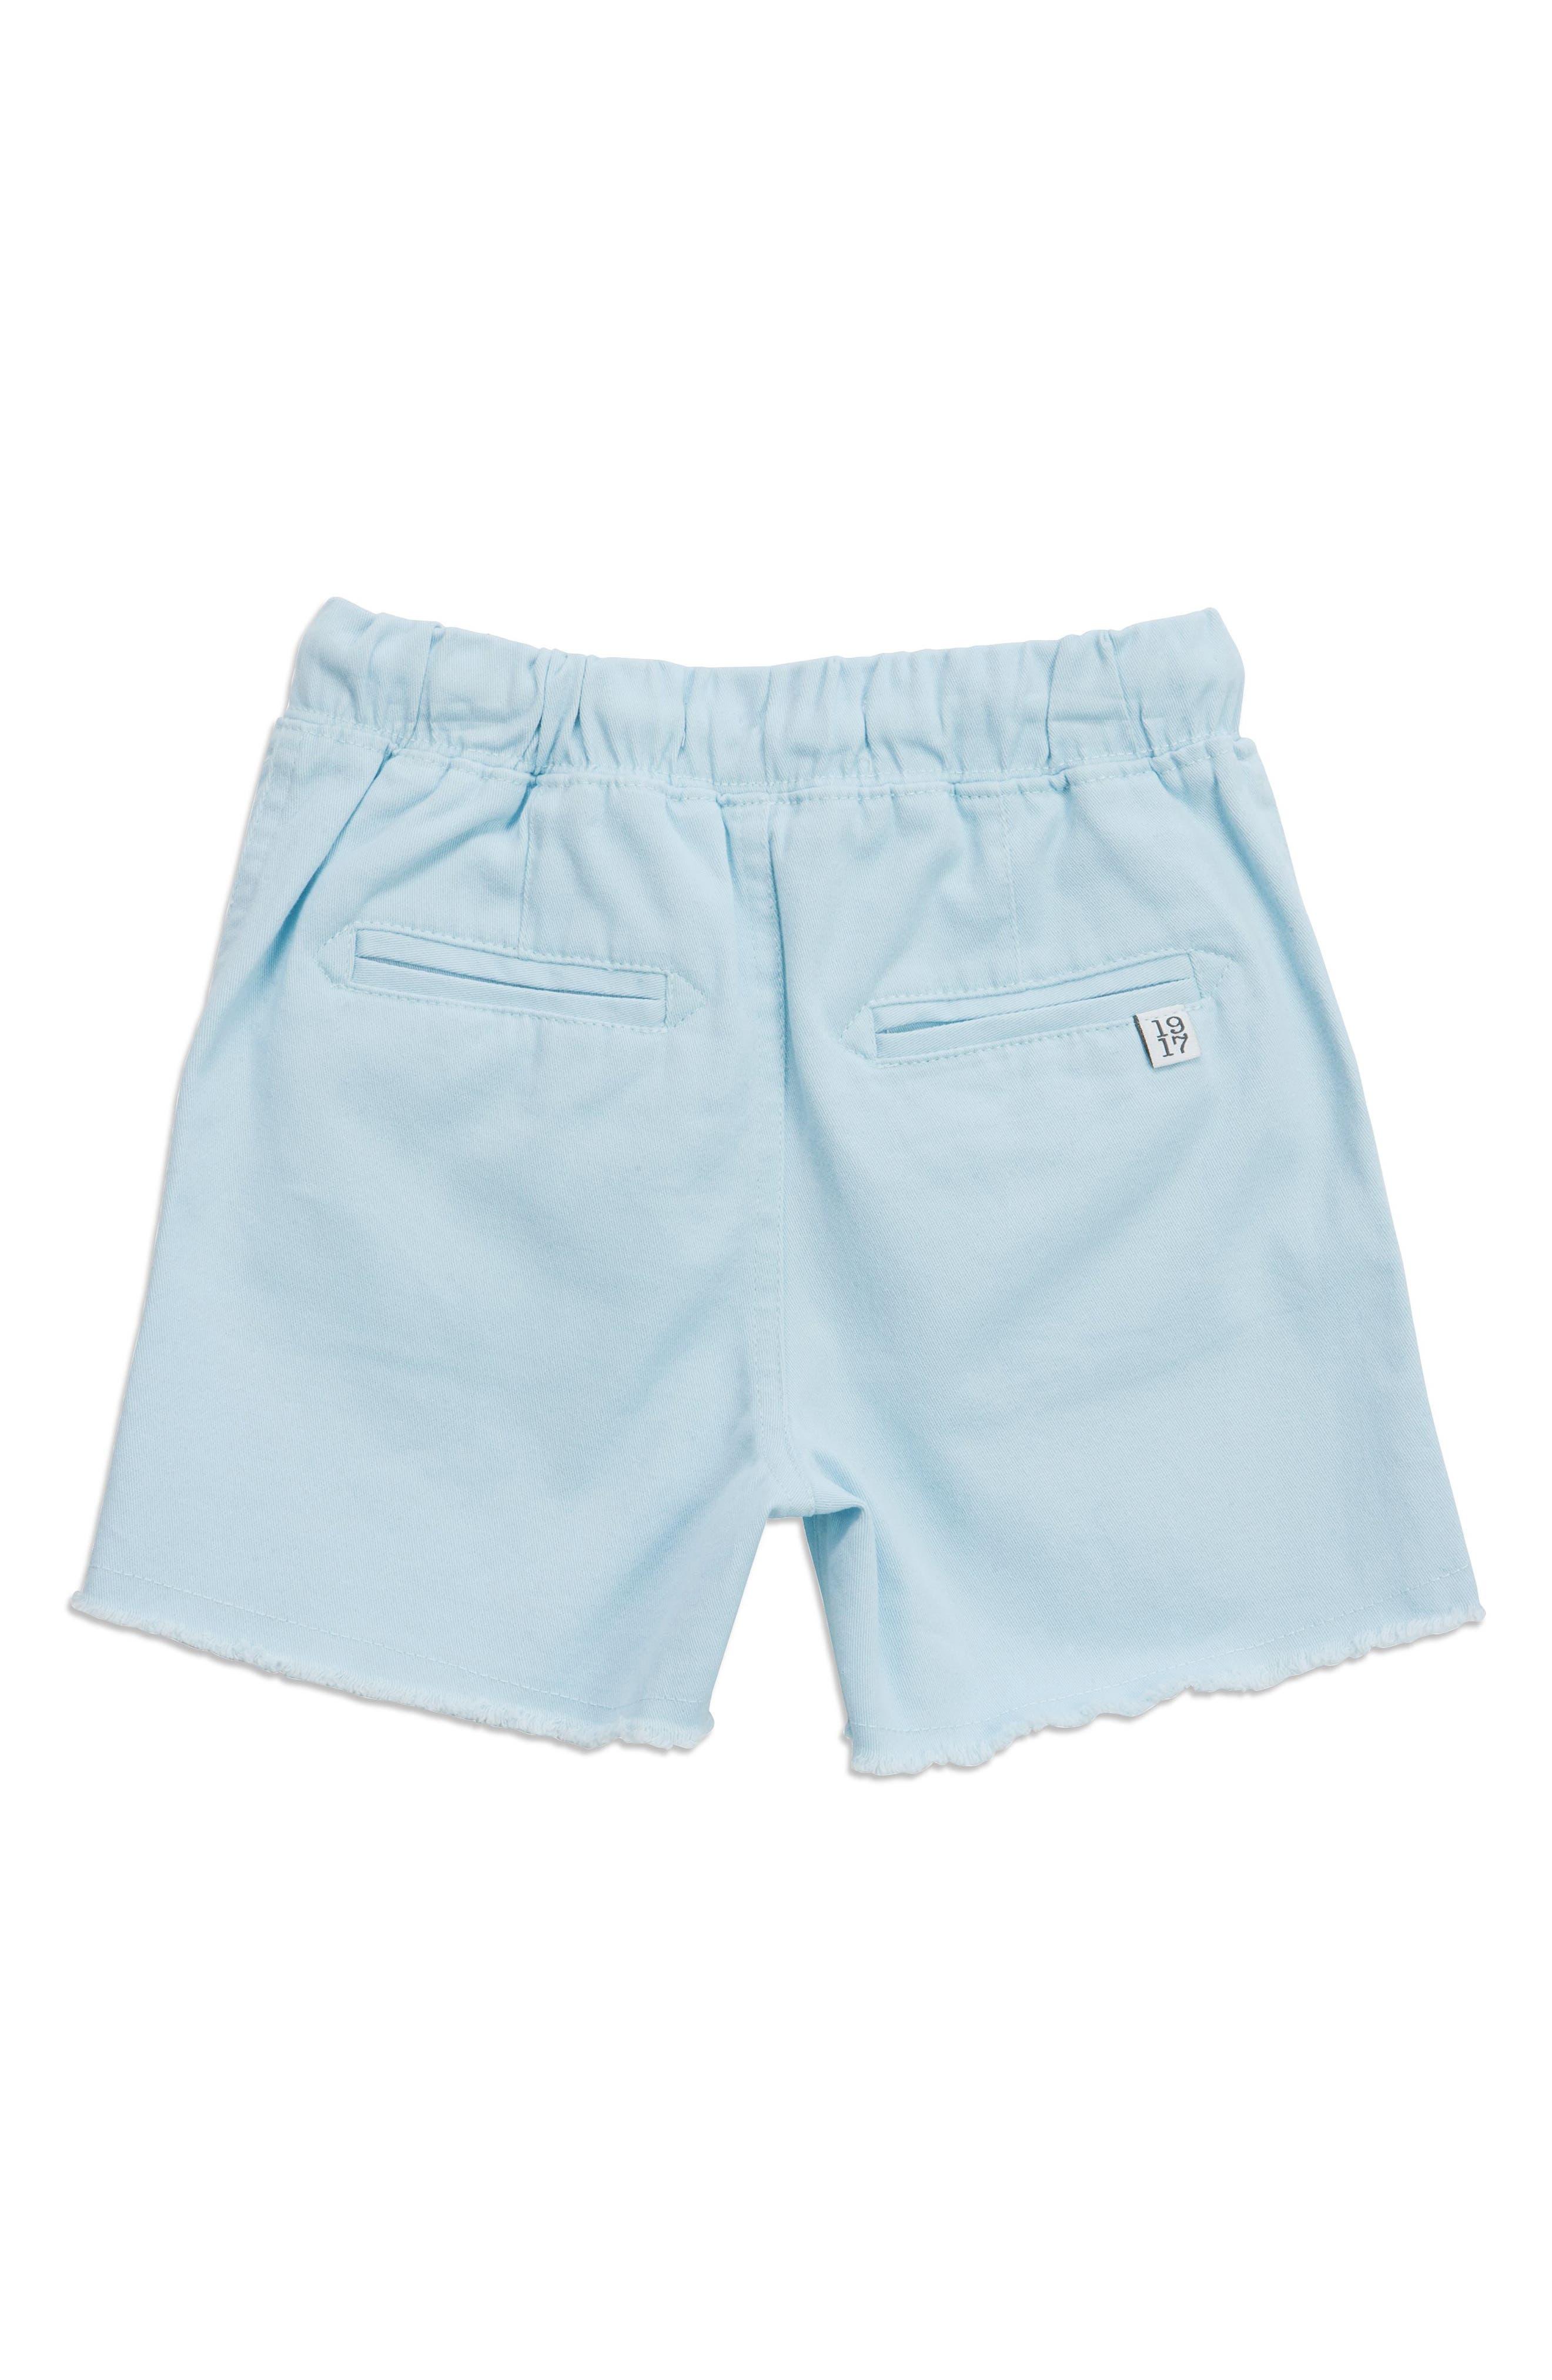 Alaska Shorts,                             Alternate thumbnail 2, color,                             Light Blue